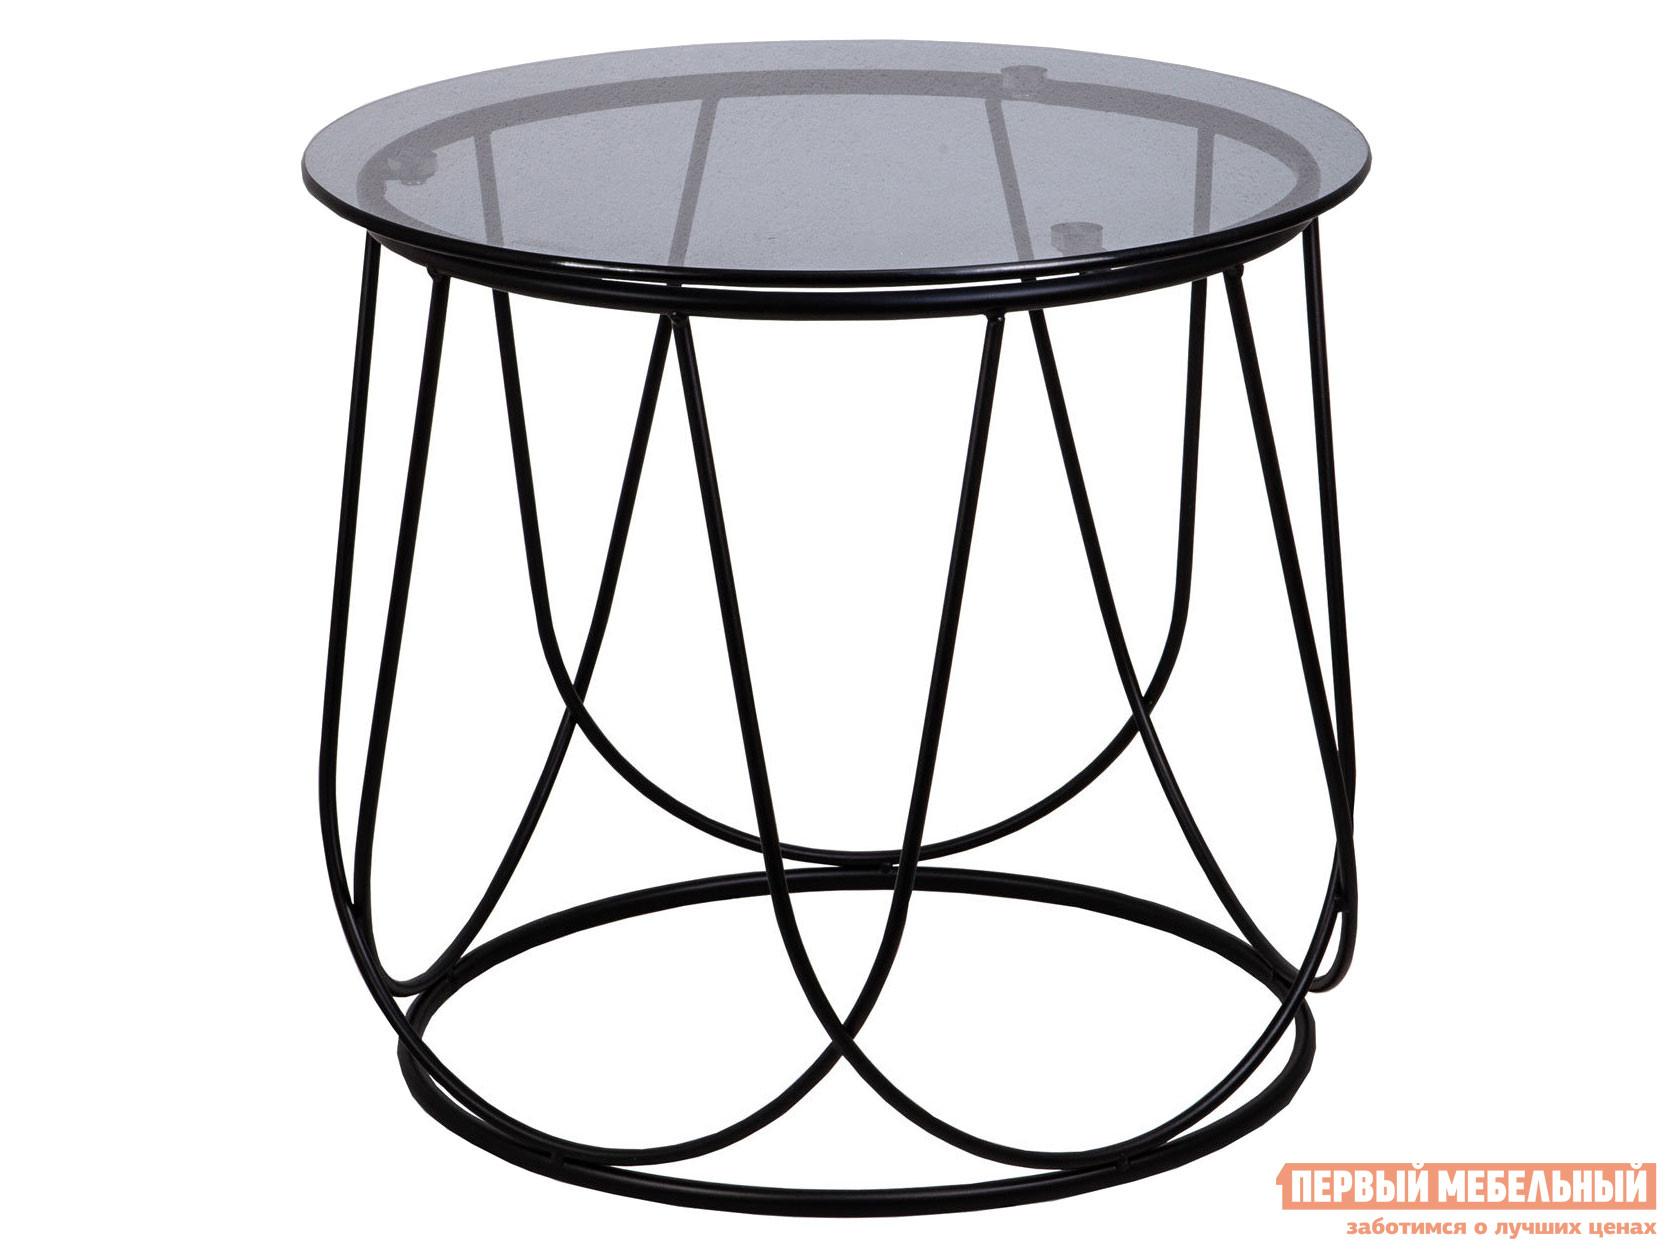 Журнальный столик  Стол BUBBLE Тонированное стекло / Черный, 450 х 500 мм Базистрейд 123068